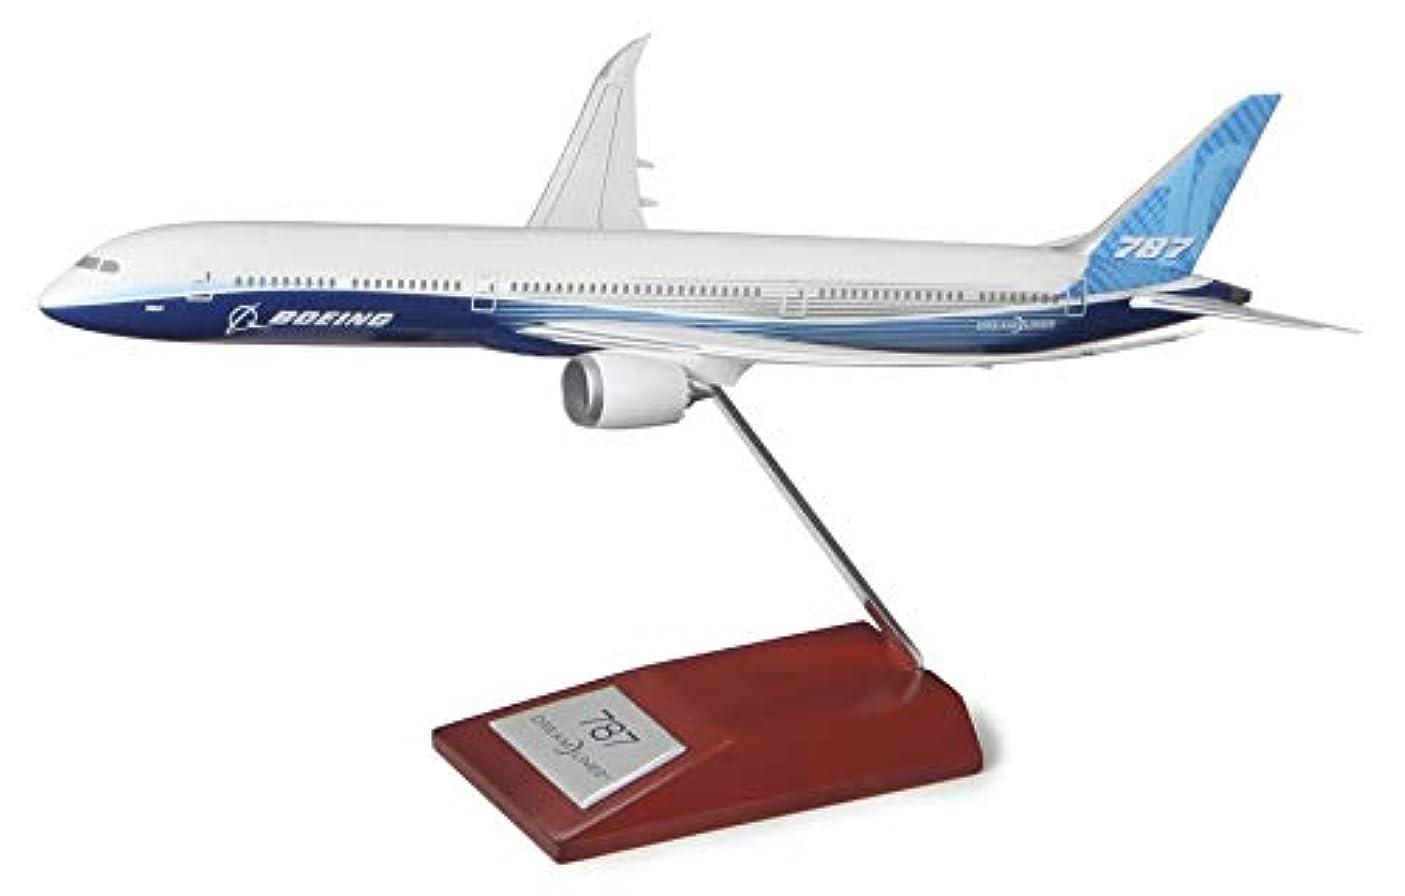 長老ゼリークスコ【ボーイング公式】BOEING 787-10 スケールモデル 1/200